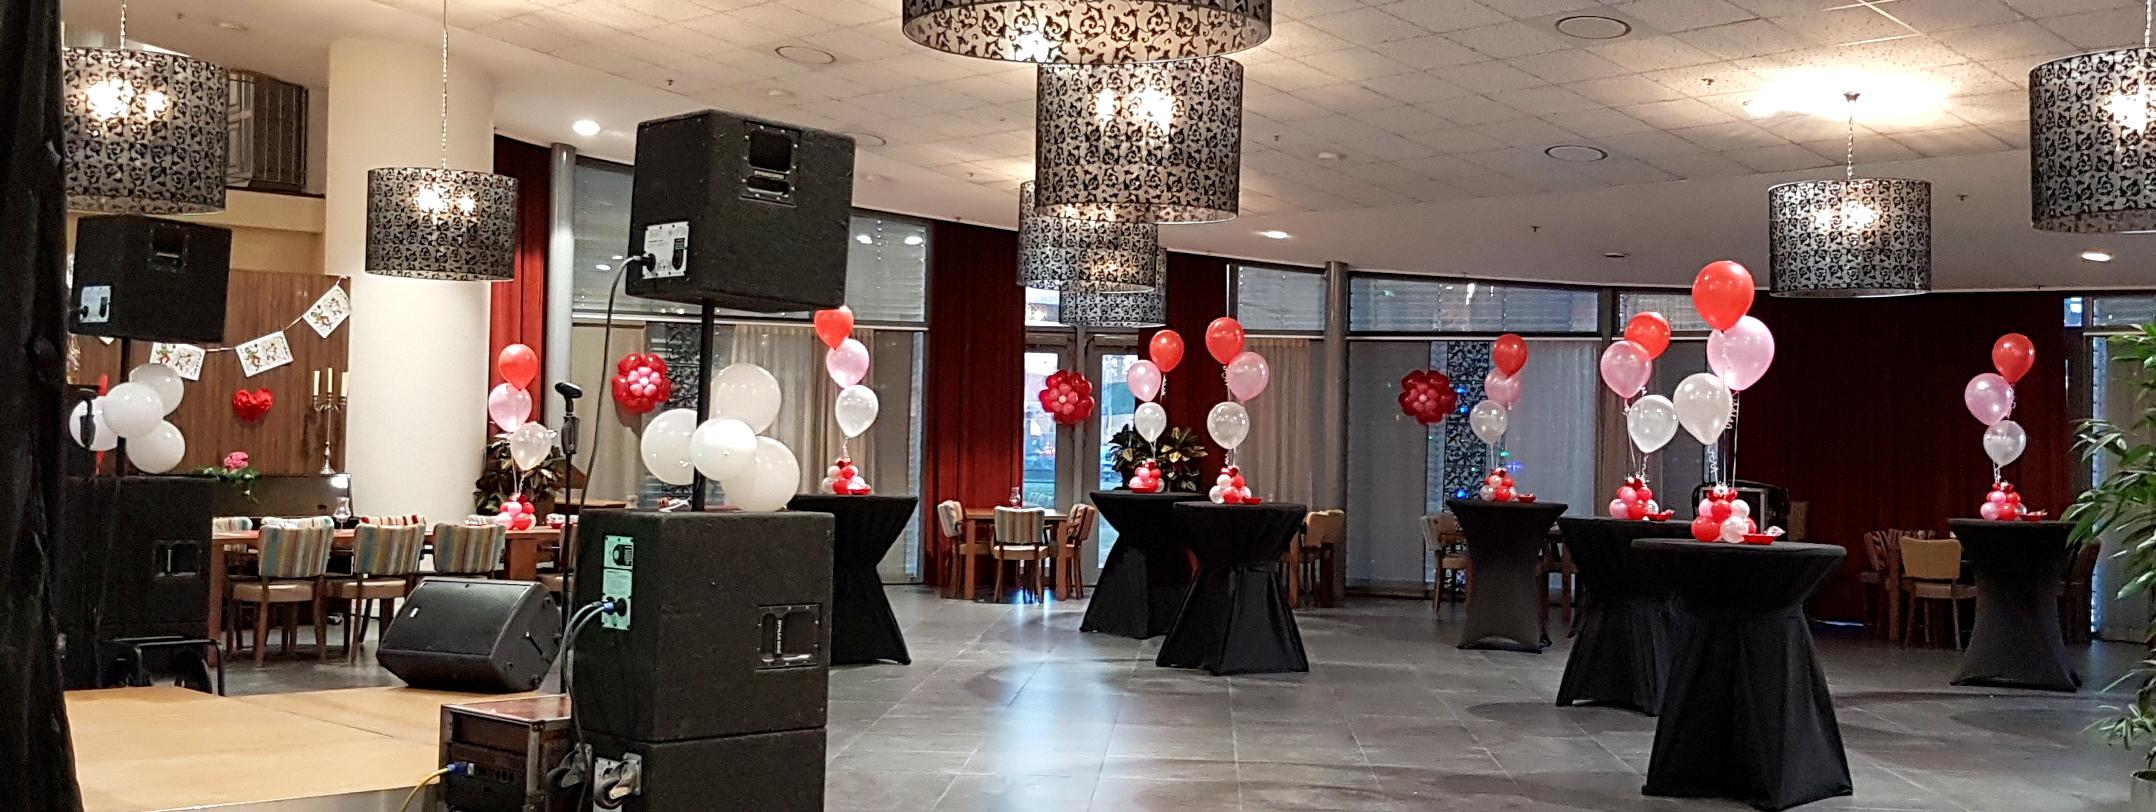 Heliumballonnen ballontrossen gronddecoratie vloerdecoratie tafeldecoratie Valentijnsdag de Wever Balloon Styling Tilburg